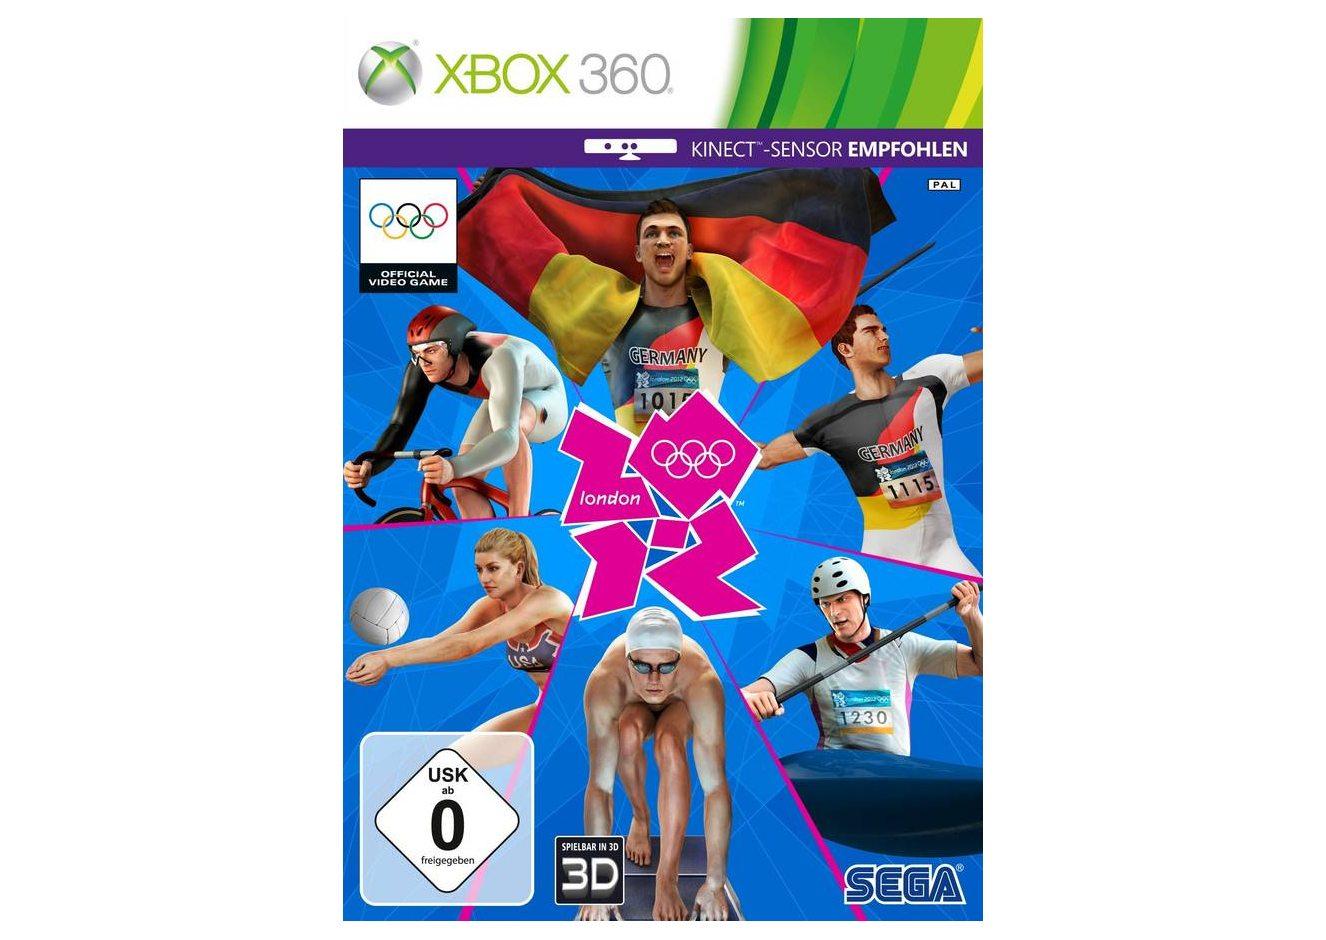 Xbox 360 London 2012 Xbox 360